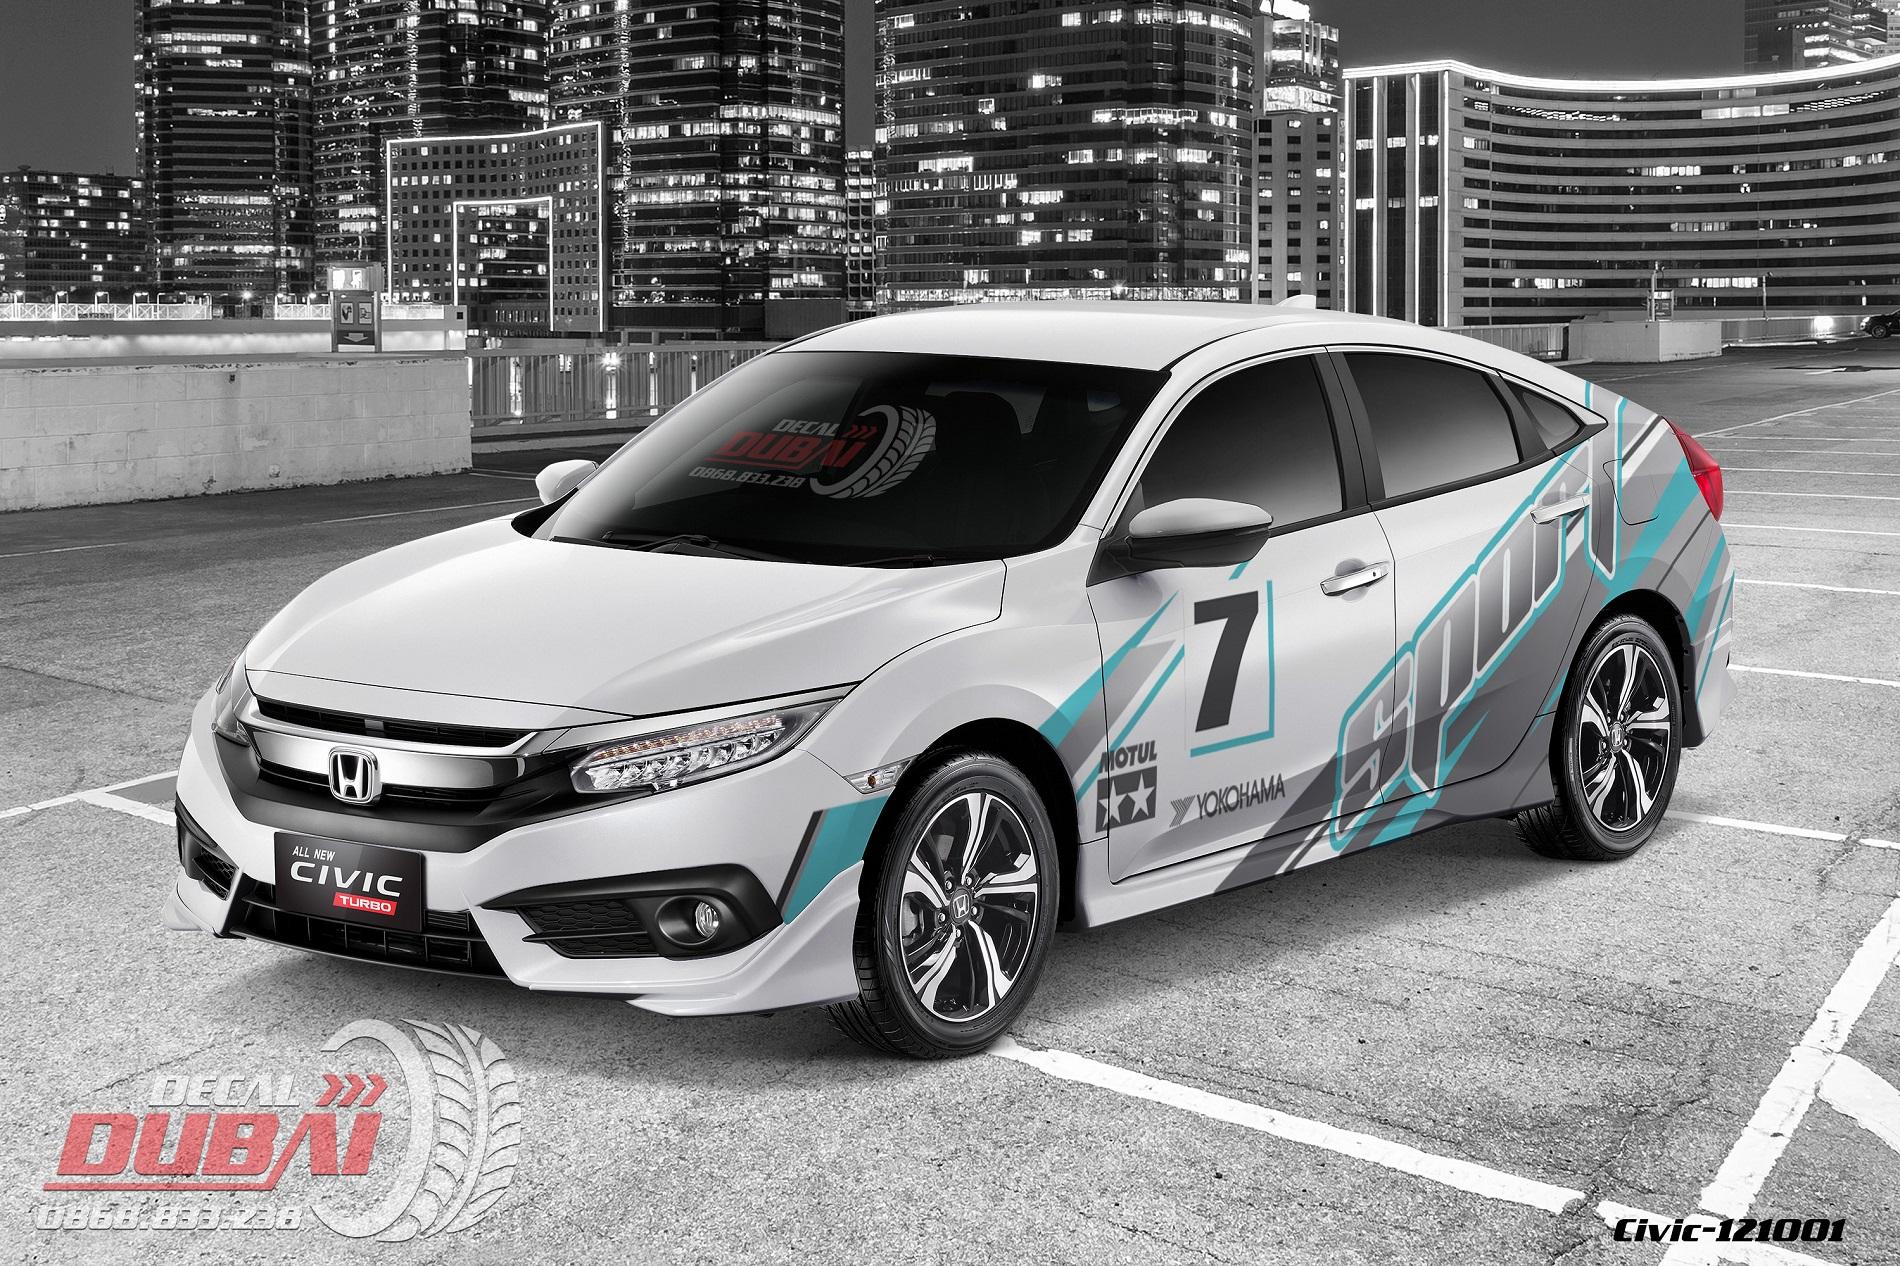 Tem-Xe-Civic-121001-1050k